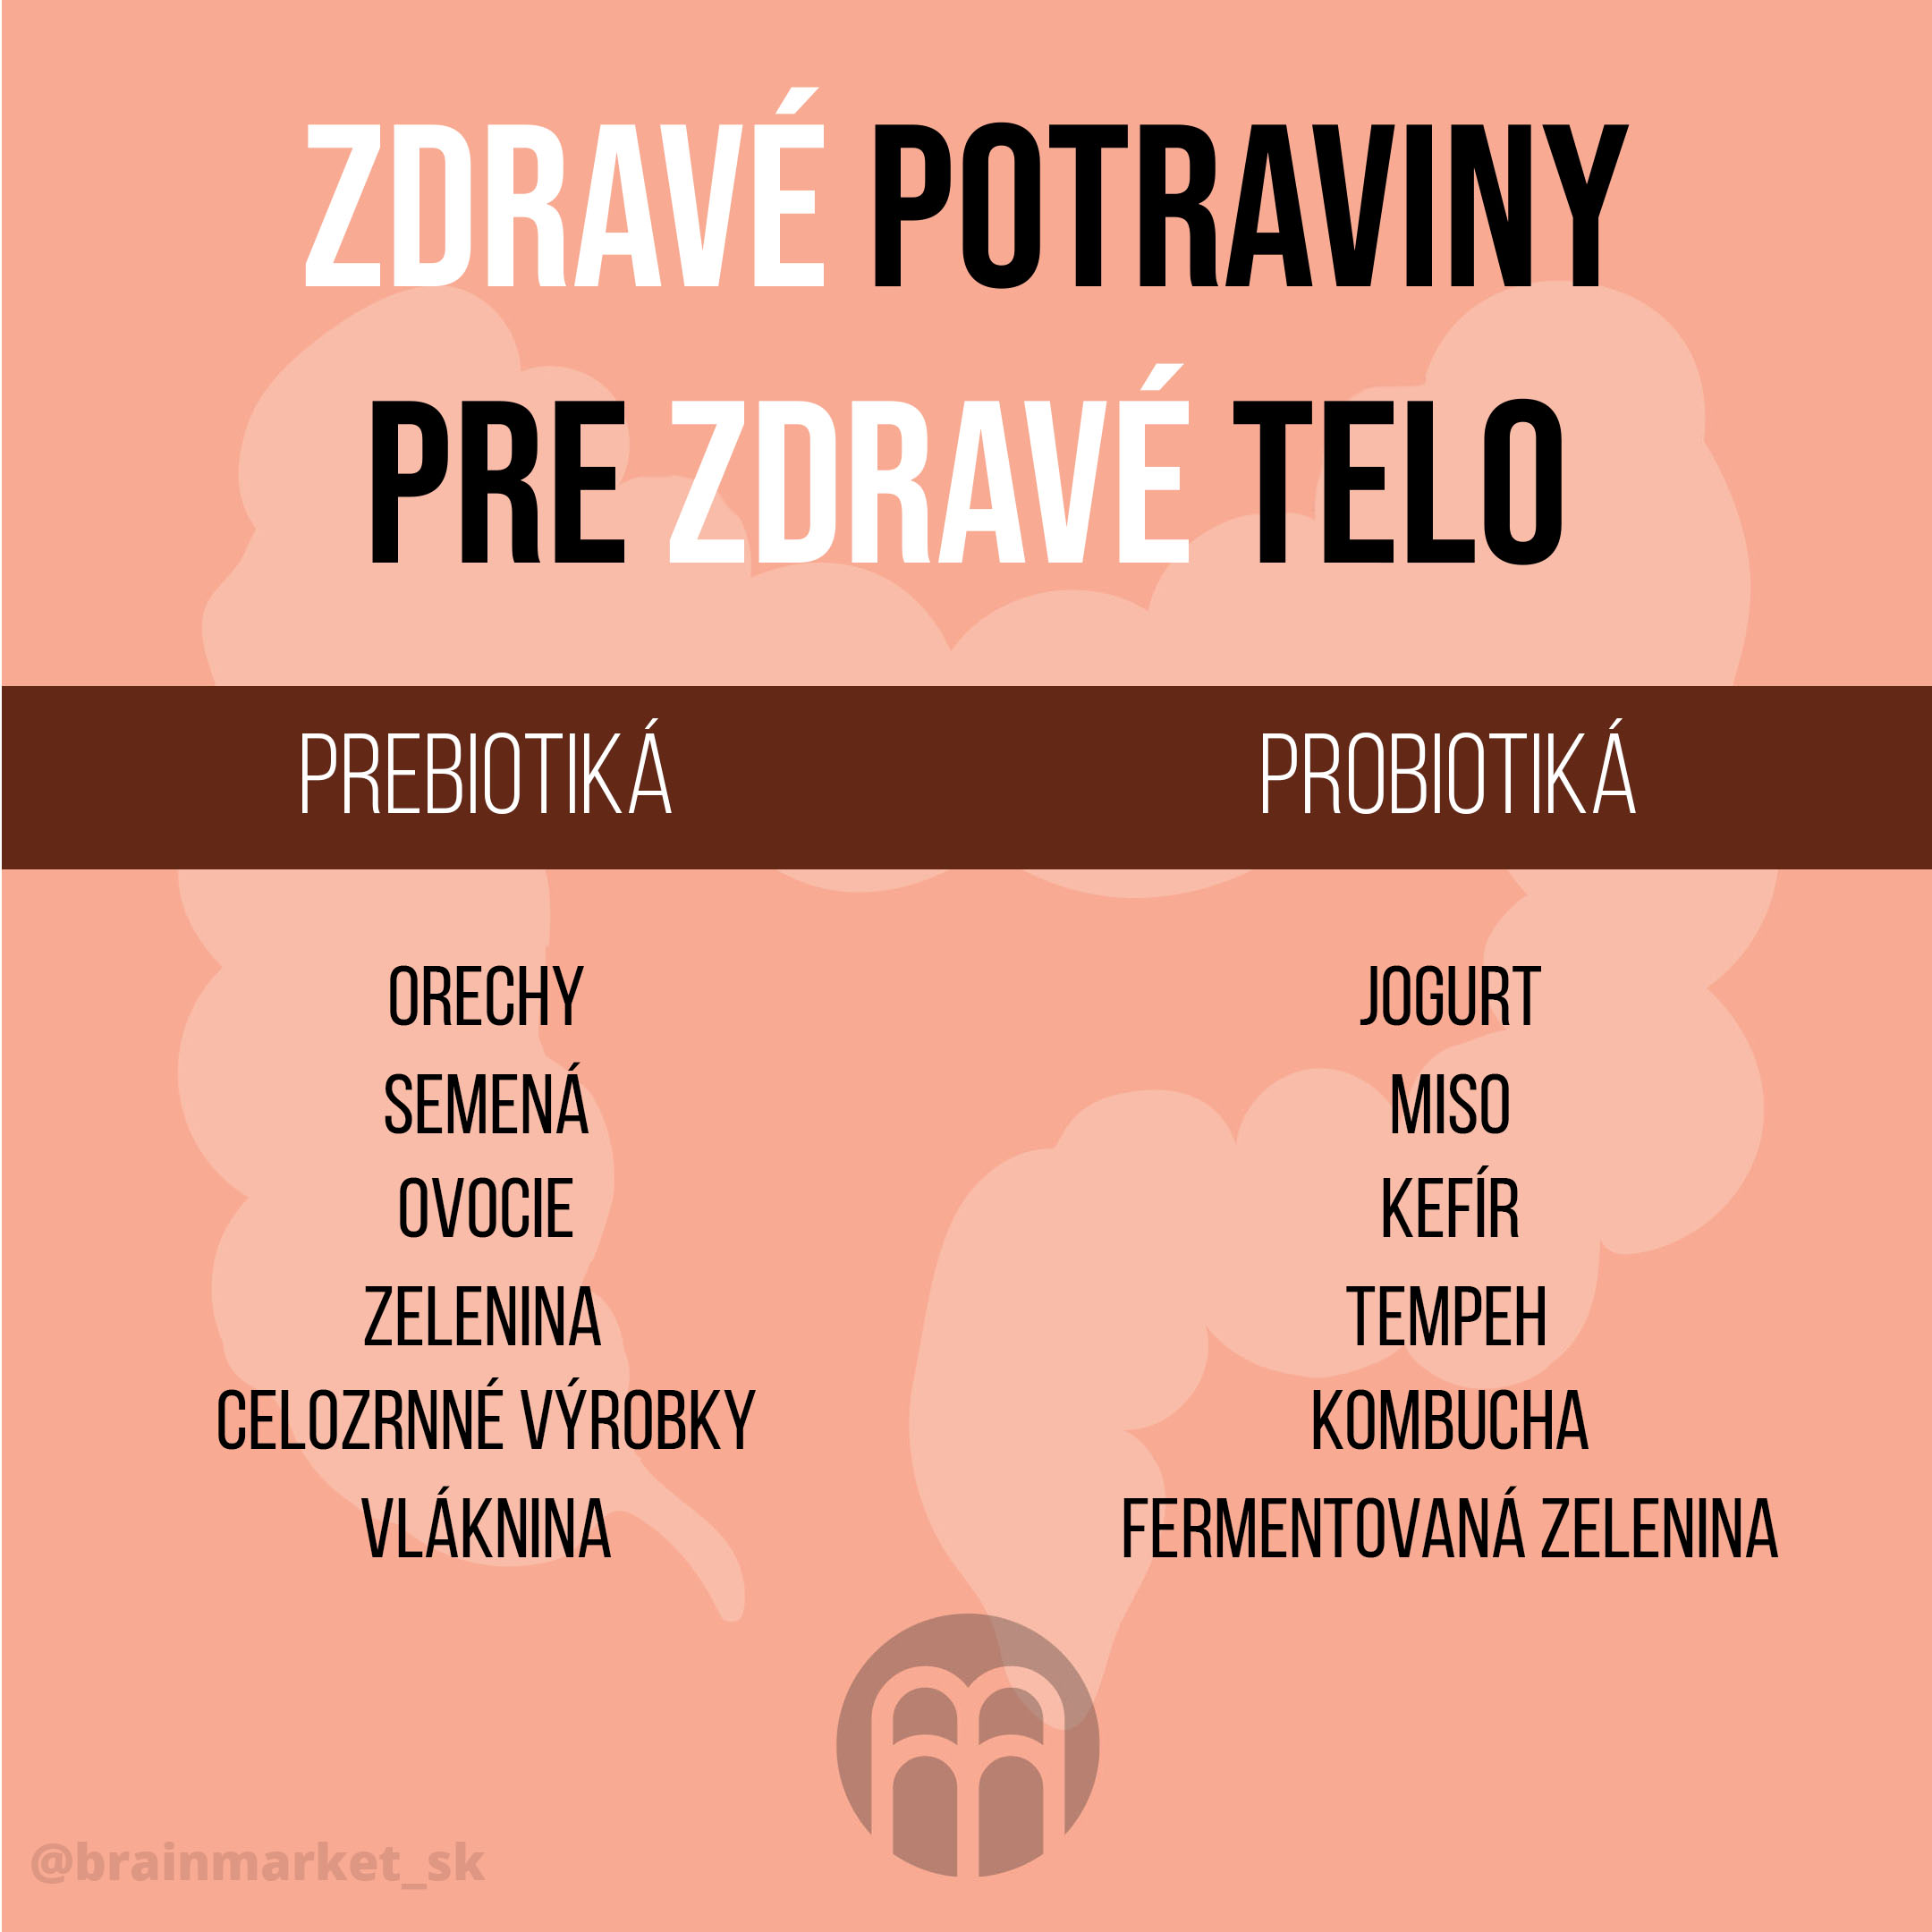 zdrave-strevo-potraviny-infografika-brainmarket-sk